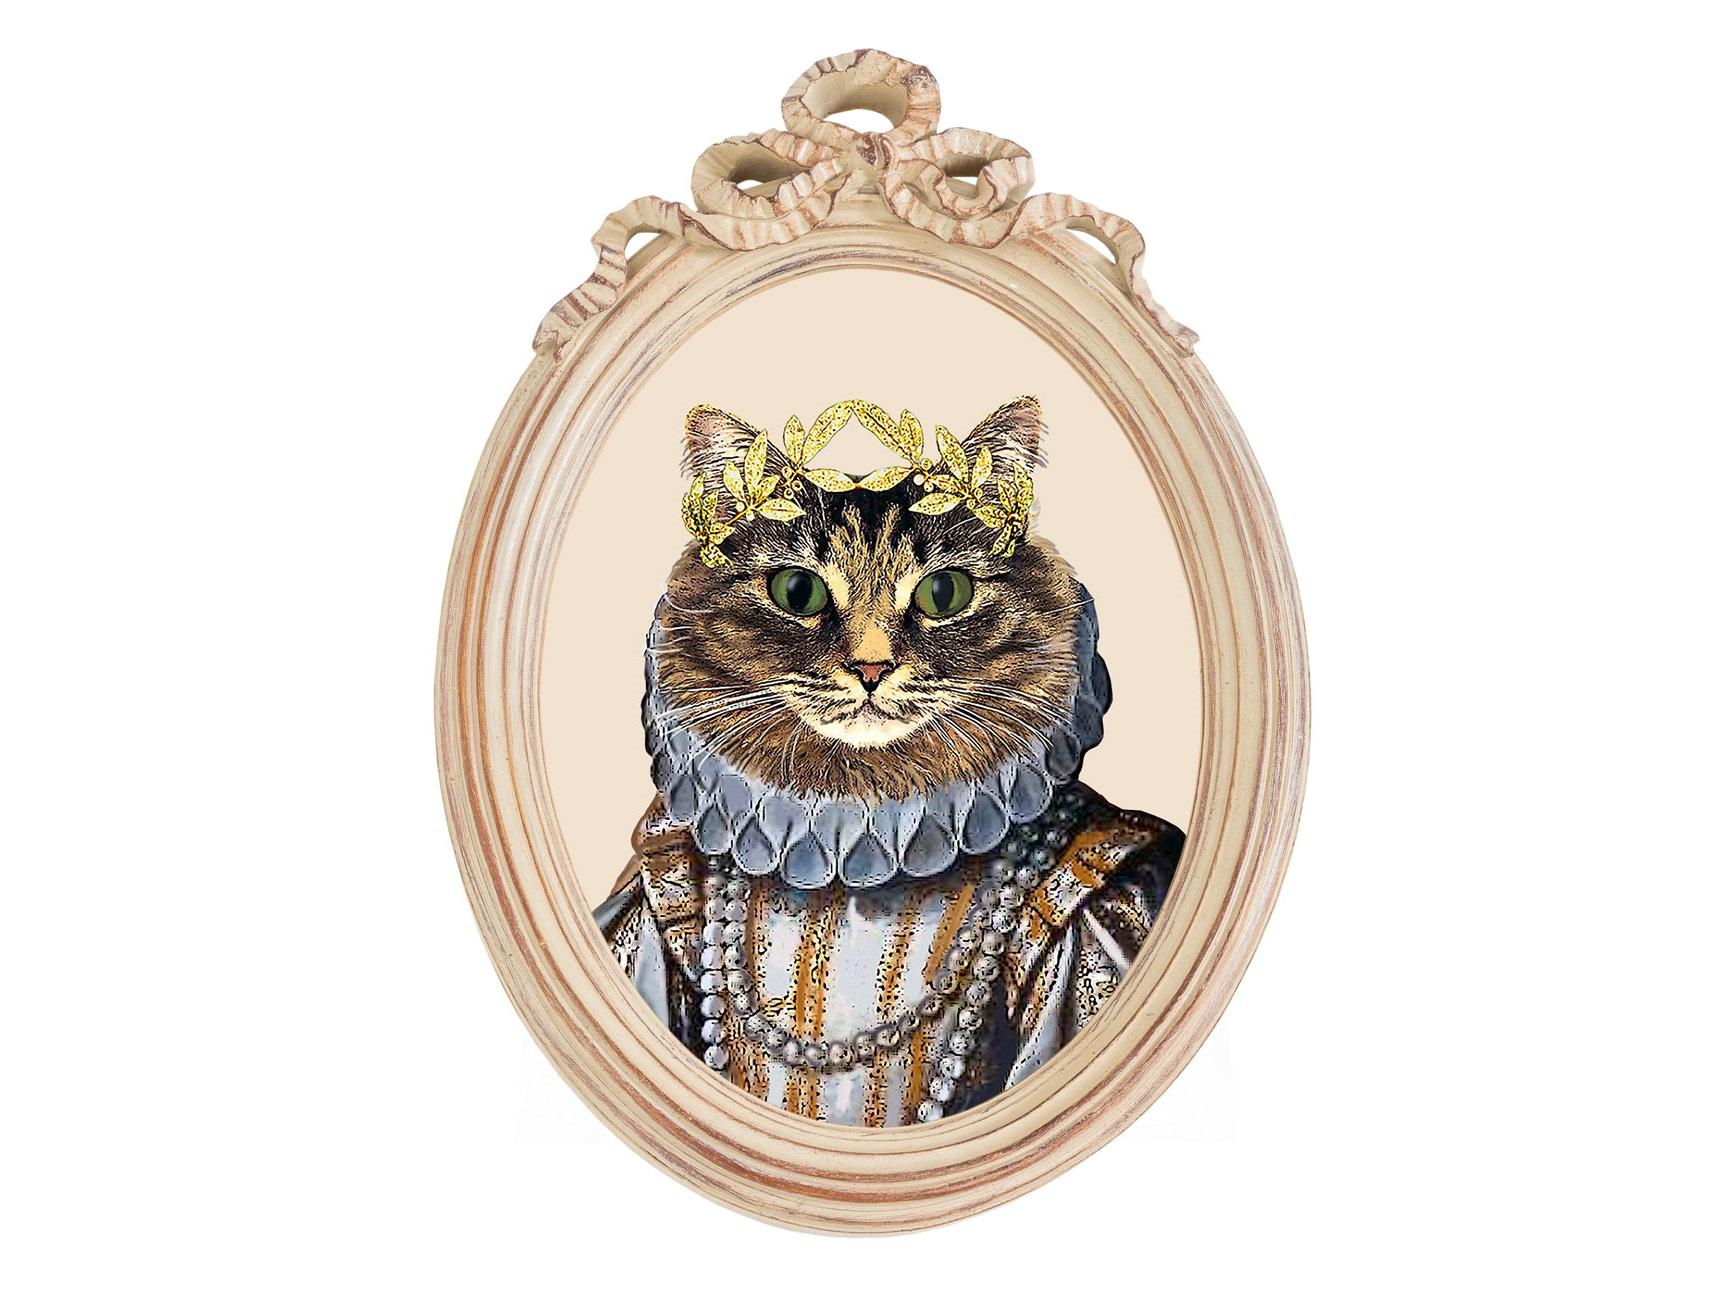 Репродукция гравюры «Мисс Кошка» в раме «Бернадетт»Картины<br>В овальные рамы-медальоны всегда помещали портреты знатных особ. А если дама – кошка, да еще в парадном платье Елизаветы Тюдор? Тем лучше! Хозяина такой вещицы можно обвинить в отличном чувстве юмора и вкусе! Рисунок, стилизованный под старинную раскрашенную гравюру, отпечатан на холсте и обрамлен винтажным багетом «Бернадетт». Репродукция «Мисс Кошка» входит в лимитированную коллекцию предметов декора, созданную по мотивам сказок Льюиса Кэролла.<br><br>Material: Полистоун<br>Width см: 30,5<br>Depth см: 4,3<br>Height см: 43